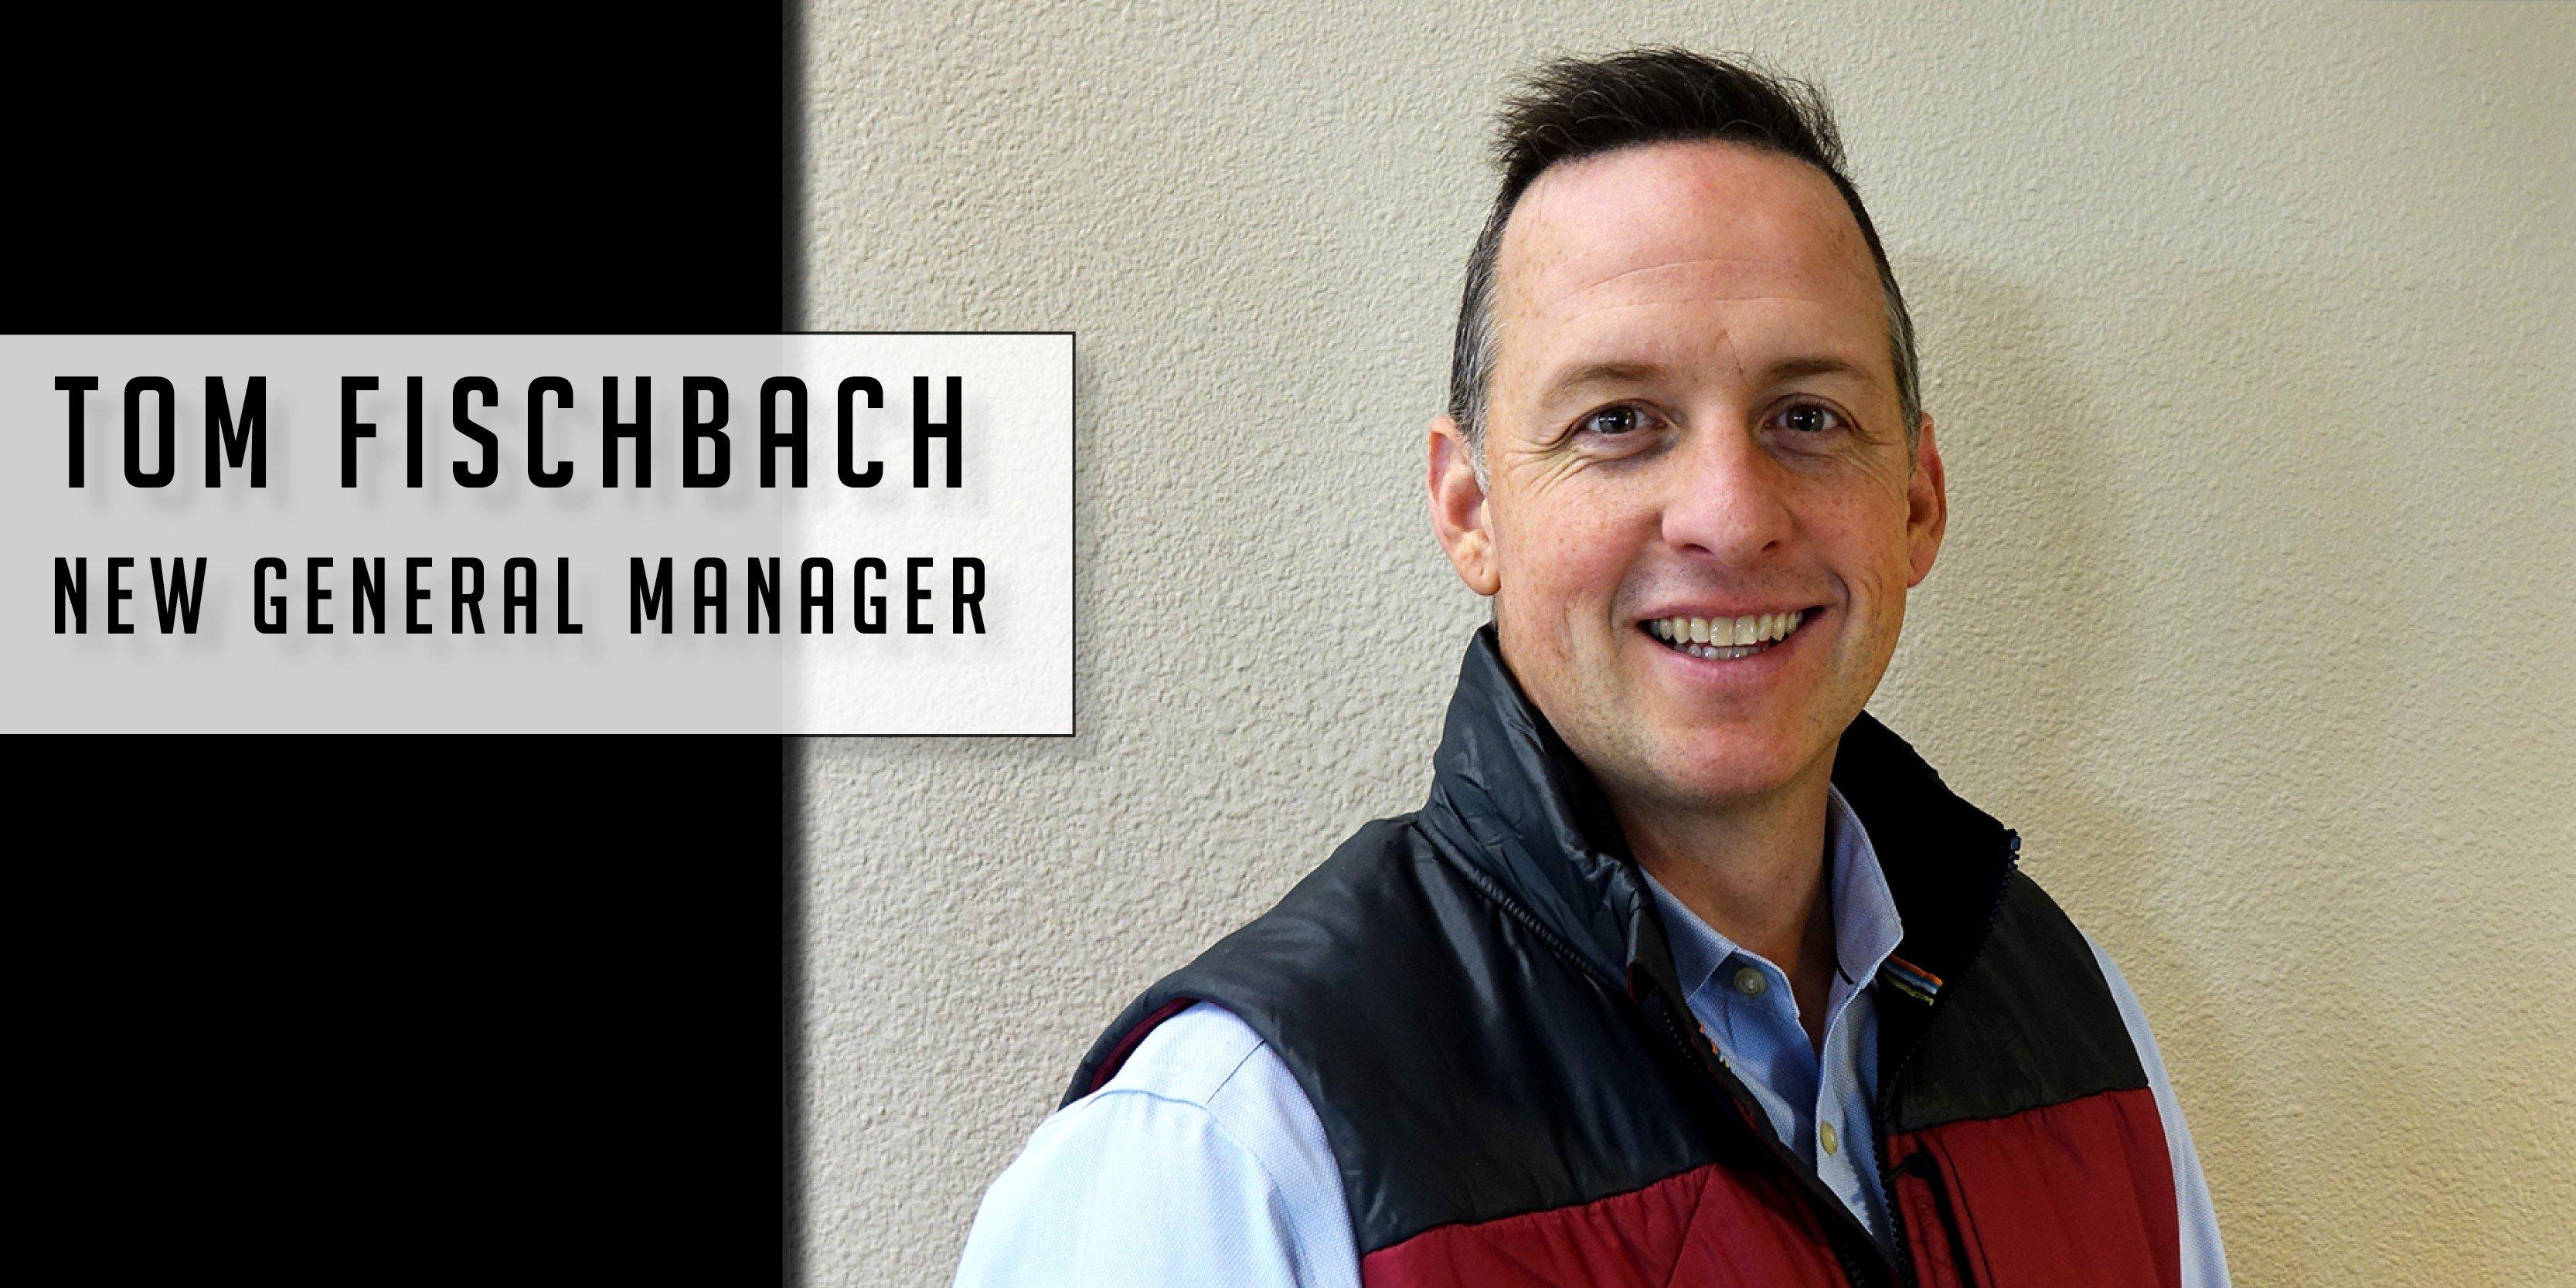 Tom Fischbach